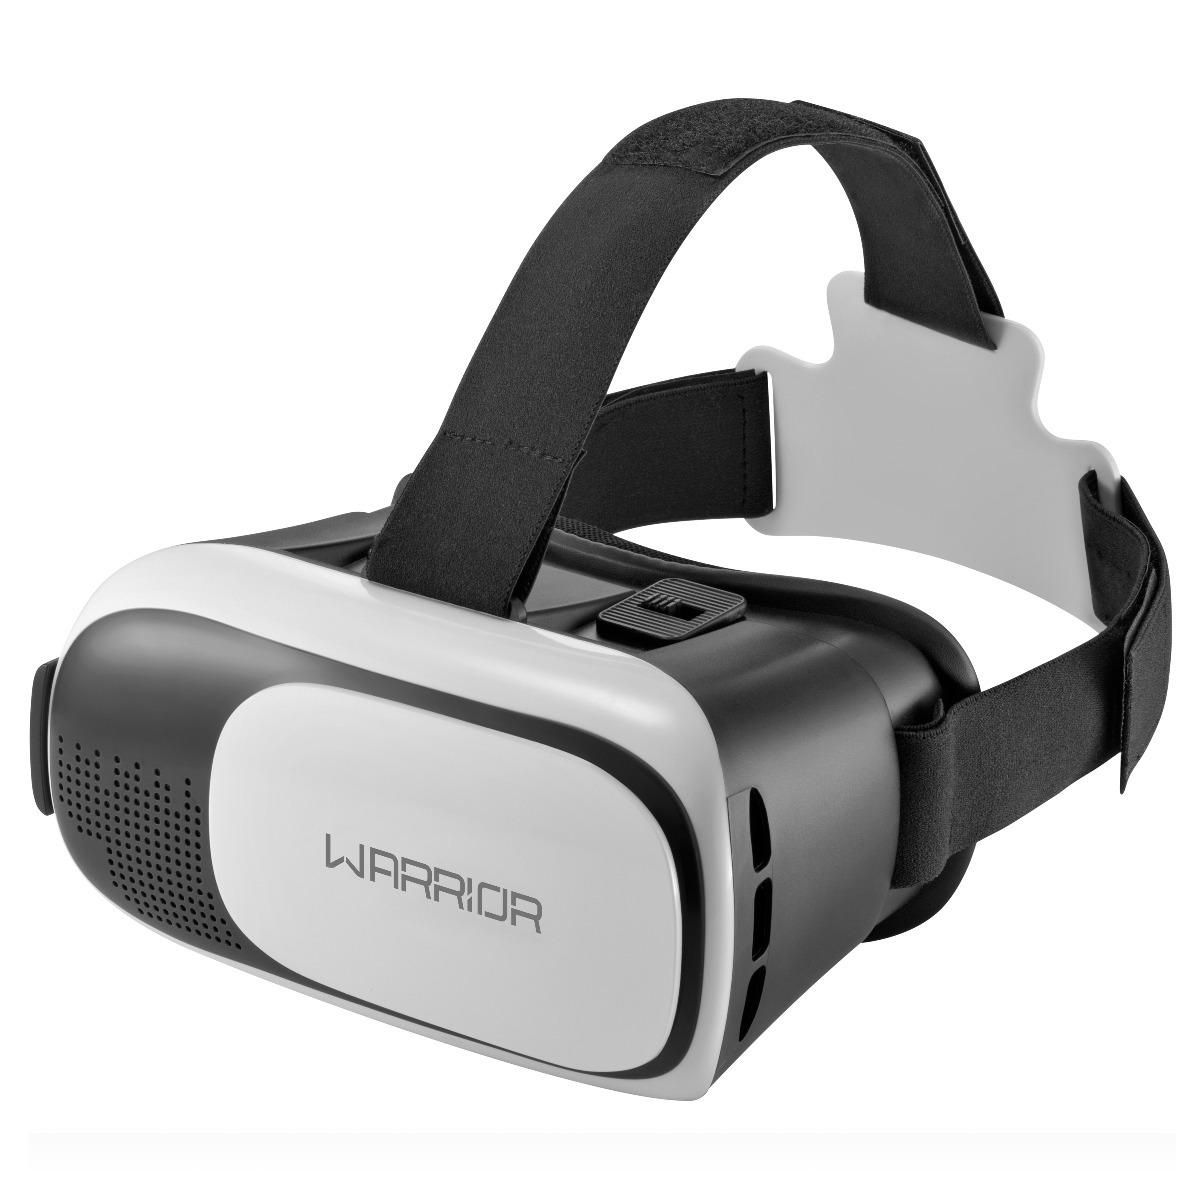 29bd85b84 Óculos Js080 3 D Warrior Gamers De Realidade Virtual - R$ 119,89 em ...